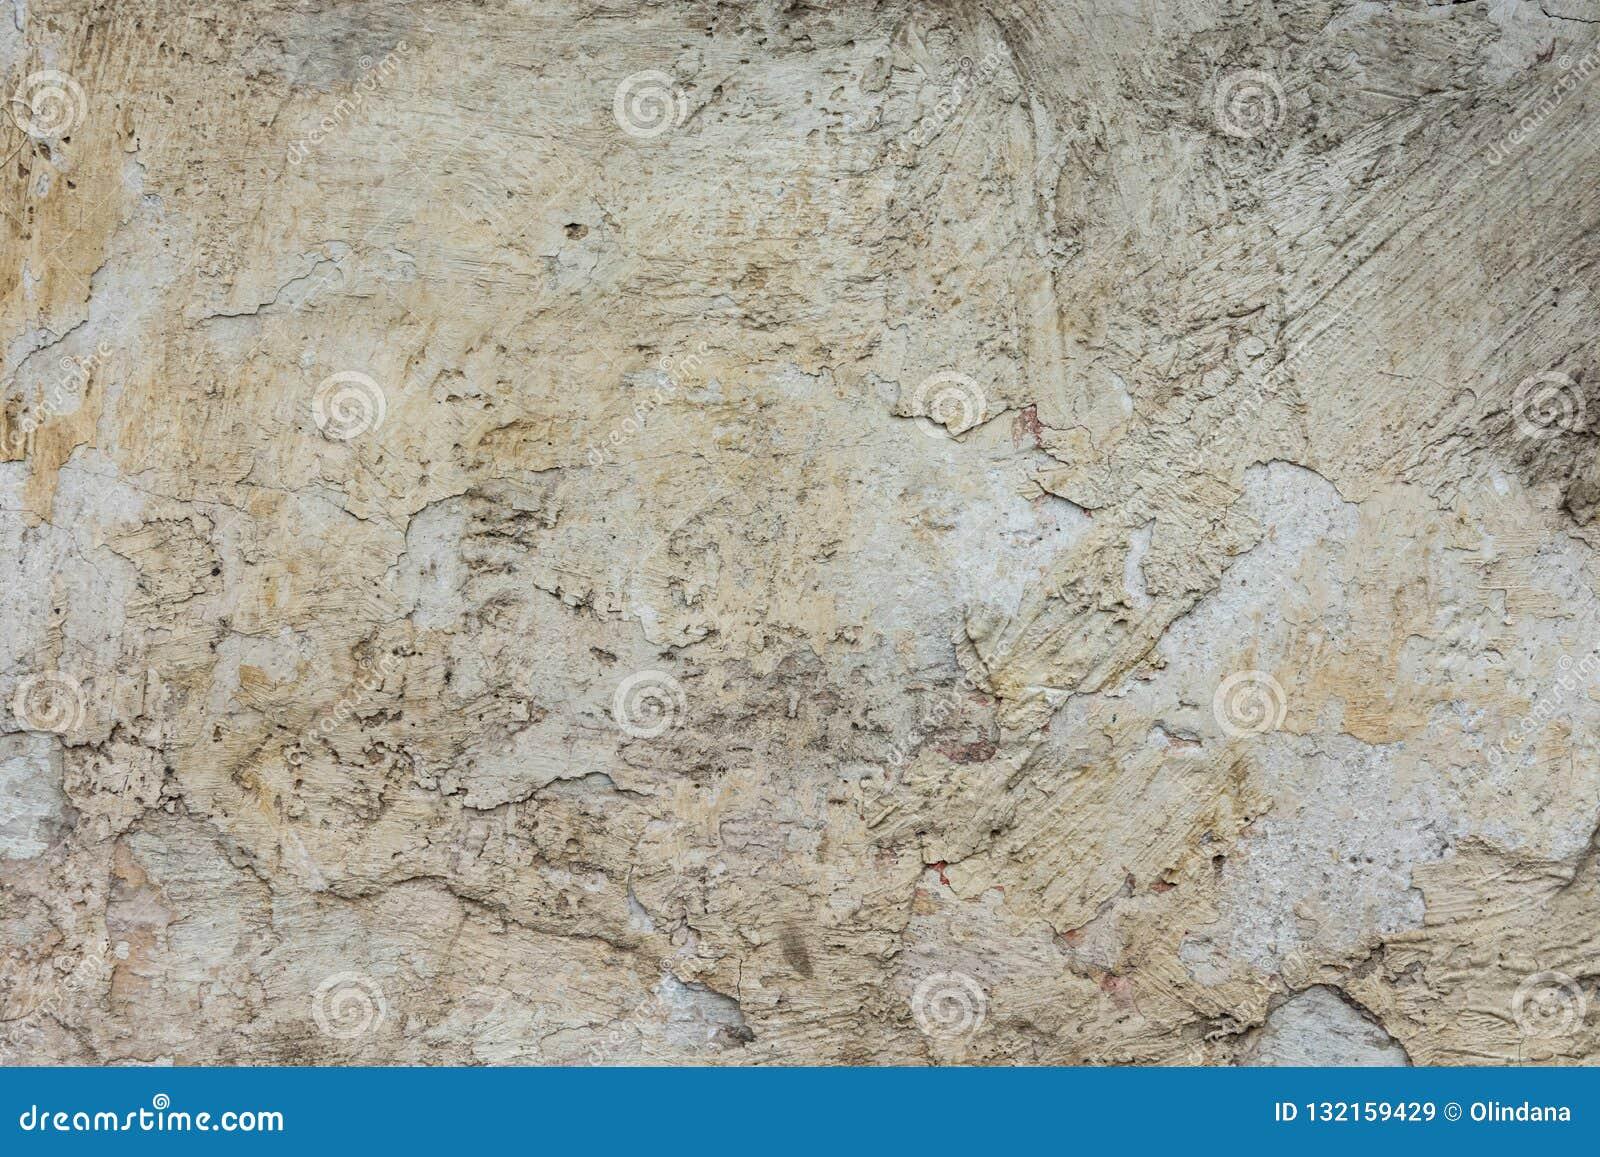 Zakłopotany Ścierny Porysowany Odłupany Gipsujący bielu Popielaty Ścienny tło z Grungy Obdartą teksturą Krakingowy Pobrudzony cem